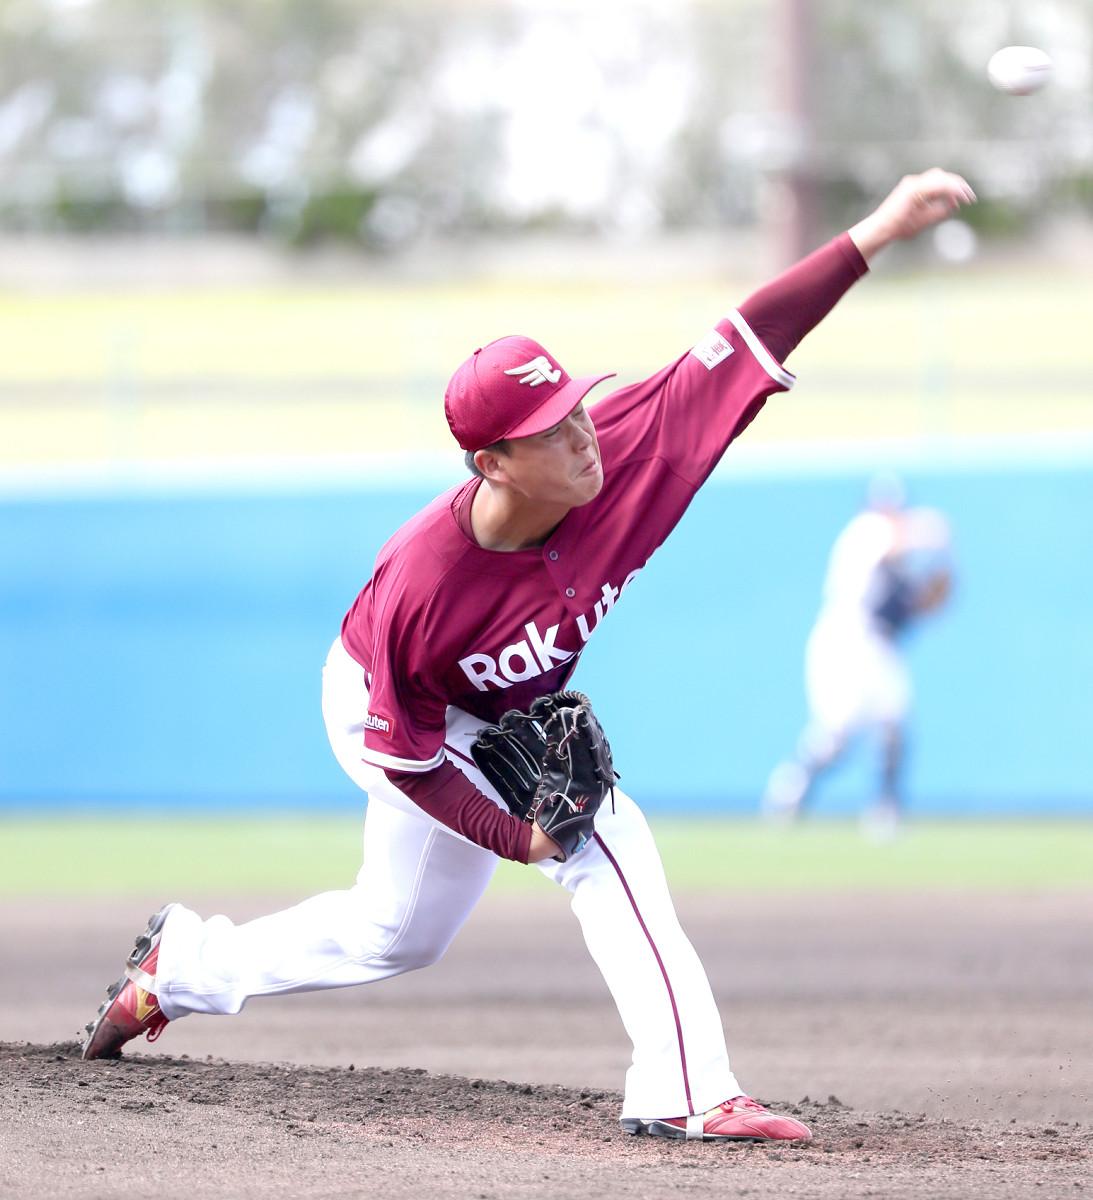 ヤクルトとの練習試合で先発した楽天・藤井投手